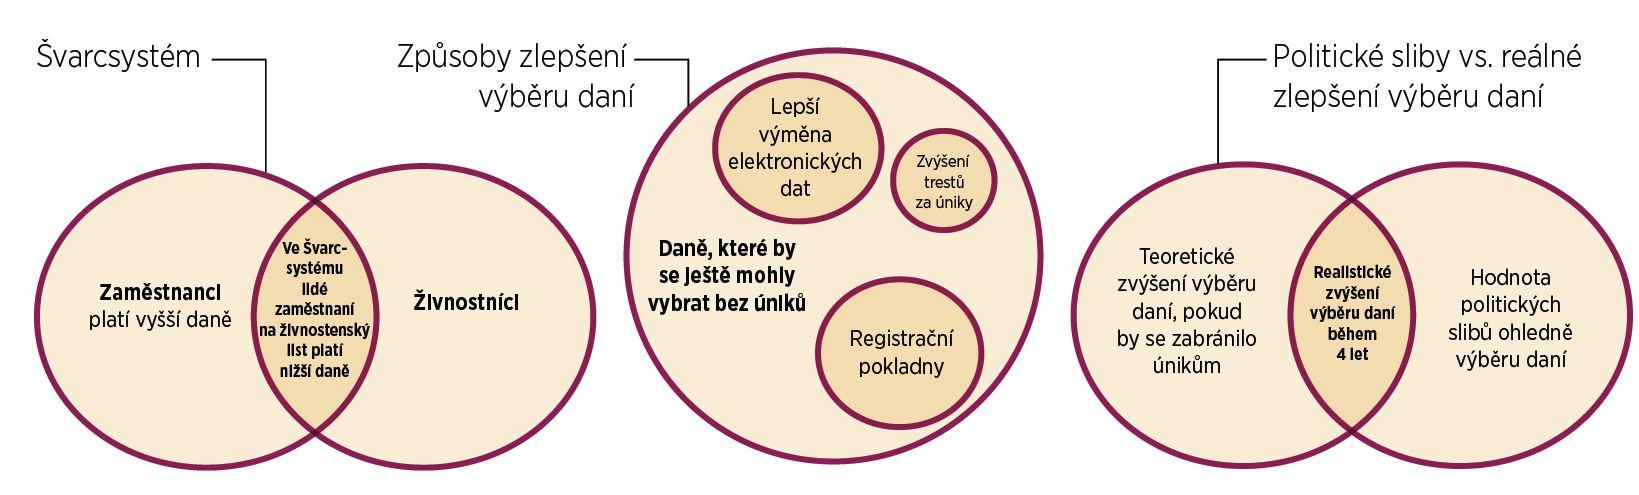 diagramy k daňovým únikům